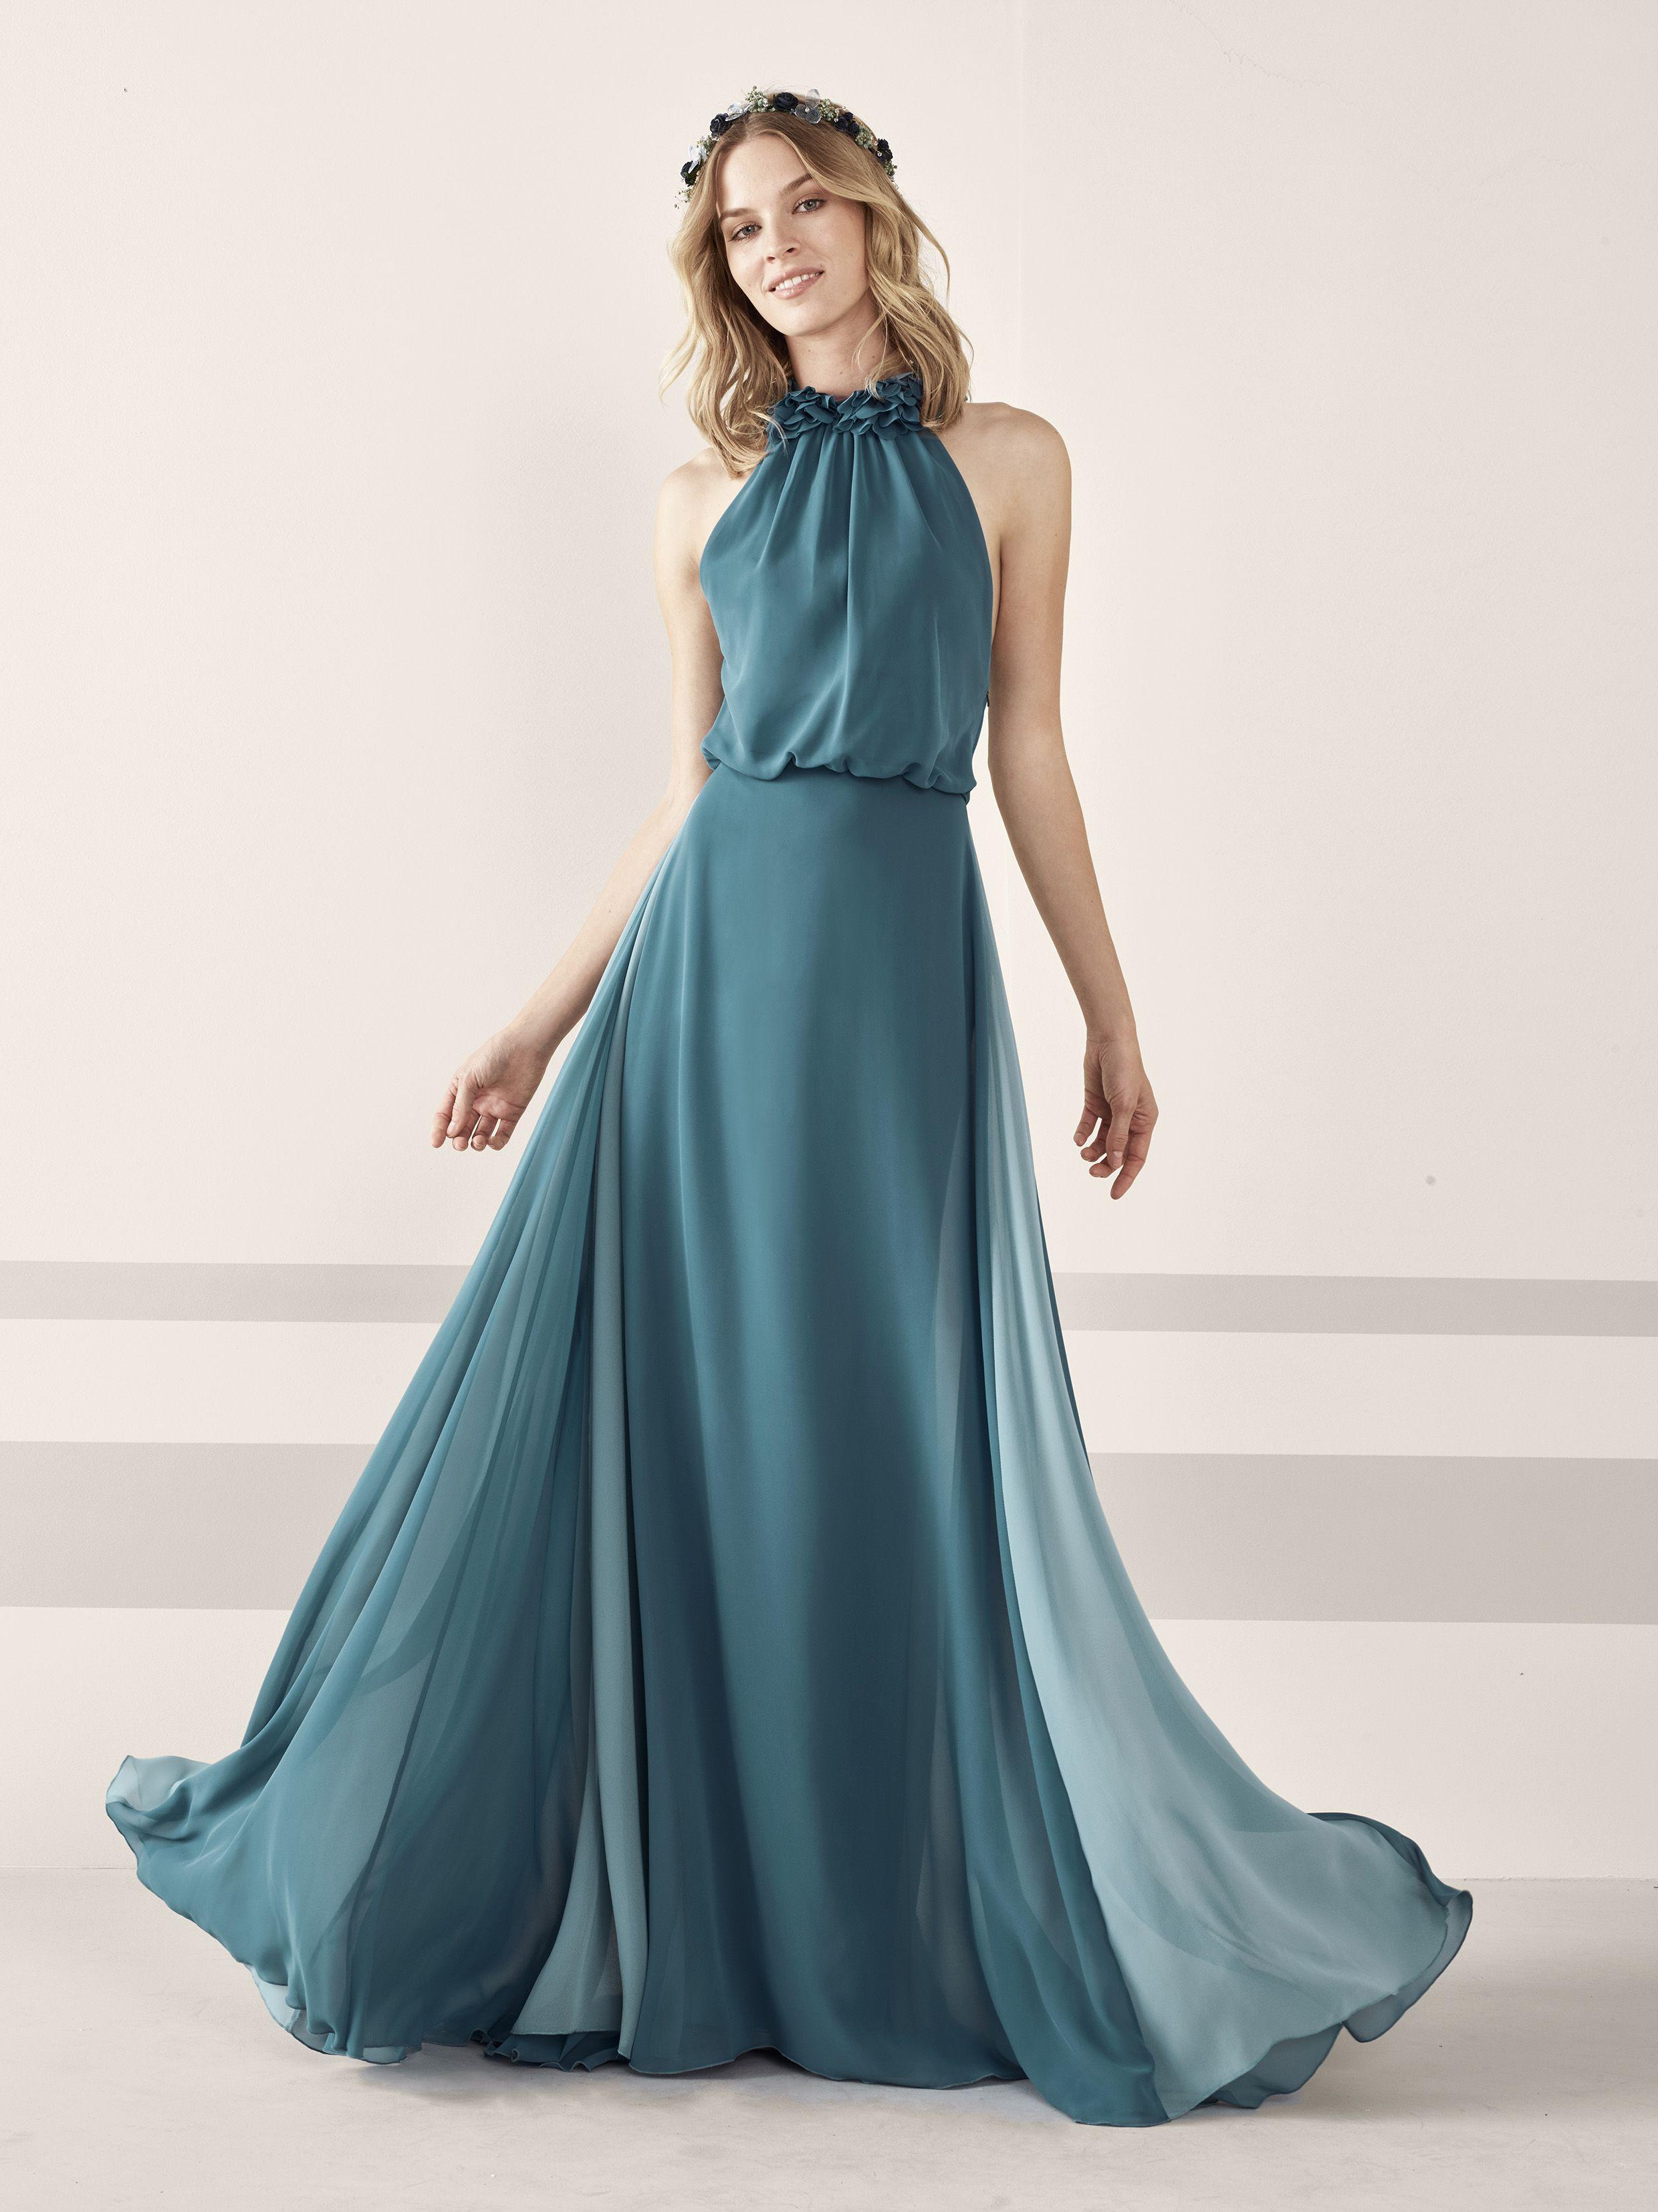 Vestidos de fiestas pronovias 202019